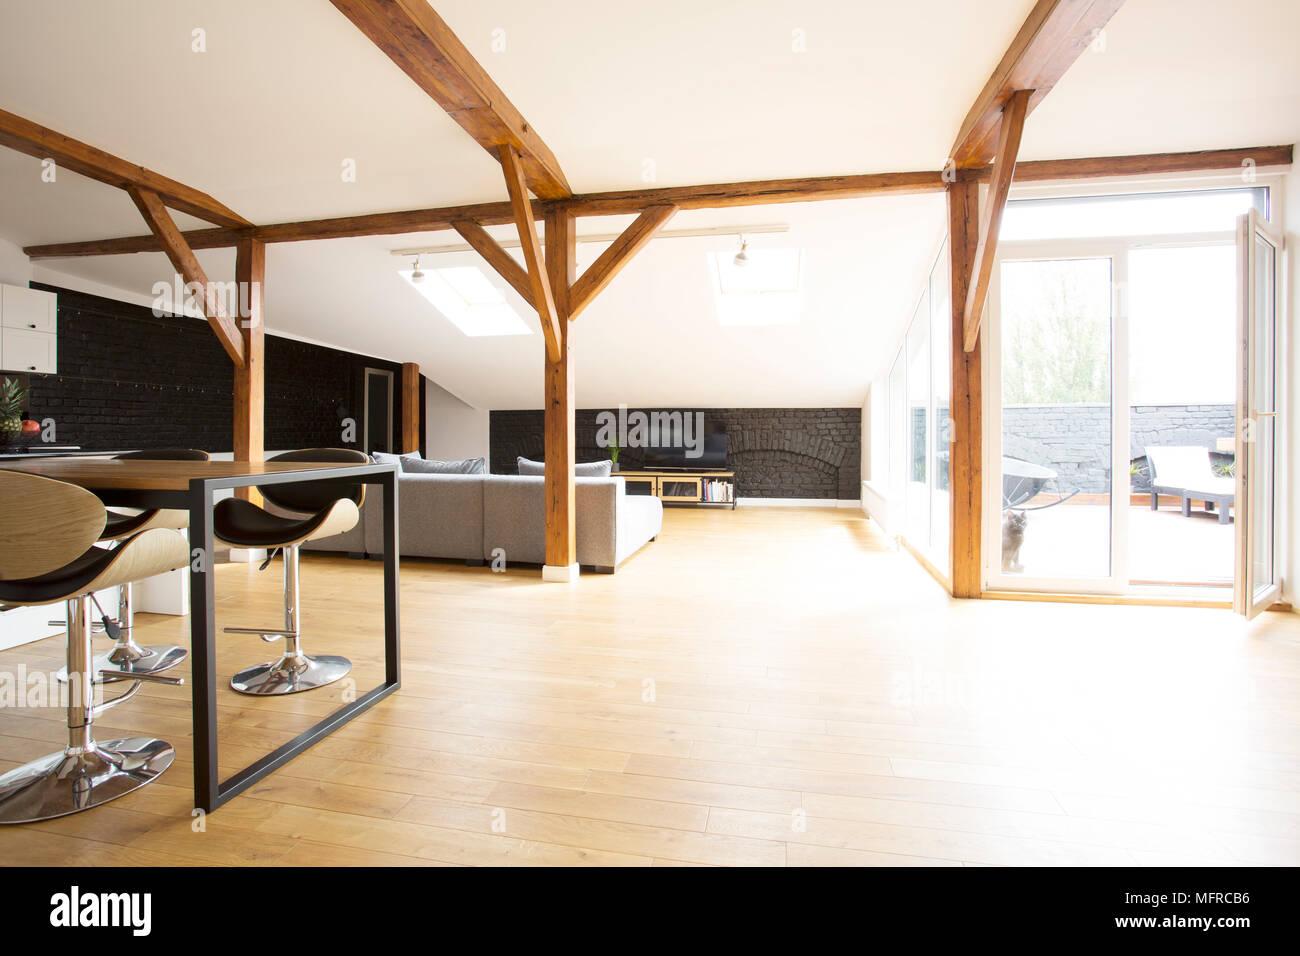 Geräumige Interieur Mit Holzboden, Barhocker, Tisch, Graue Sofa, Balken Und  Terrasse